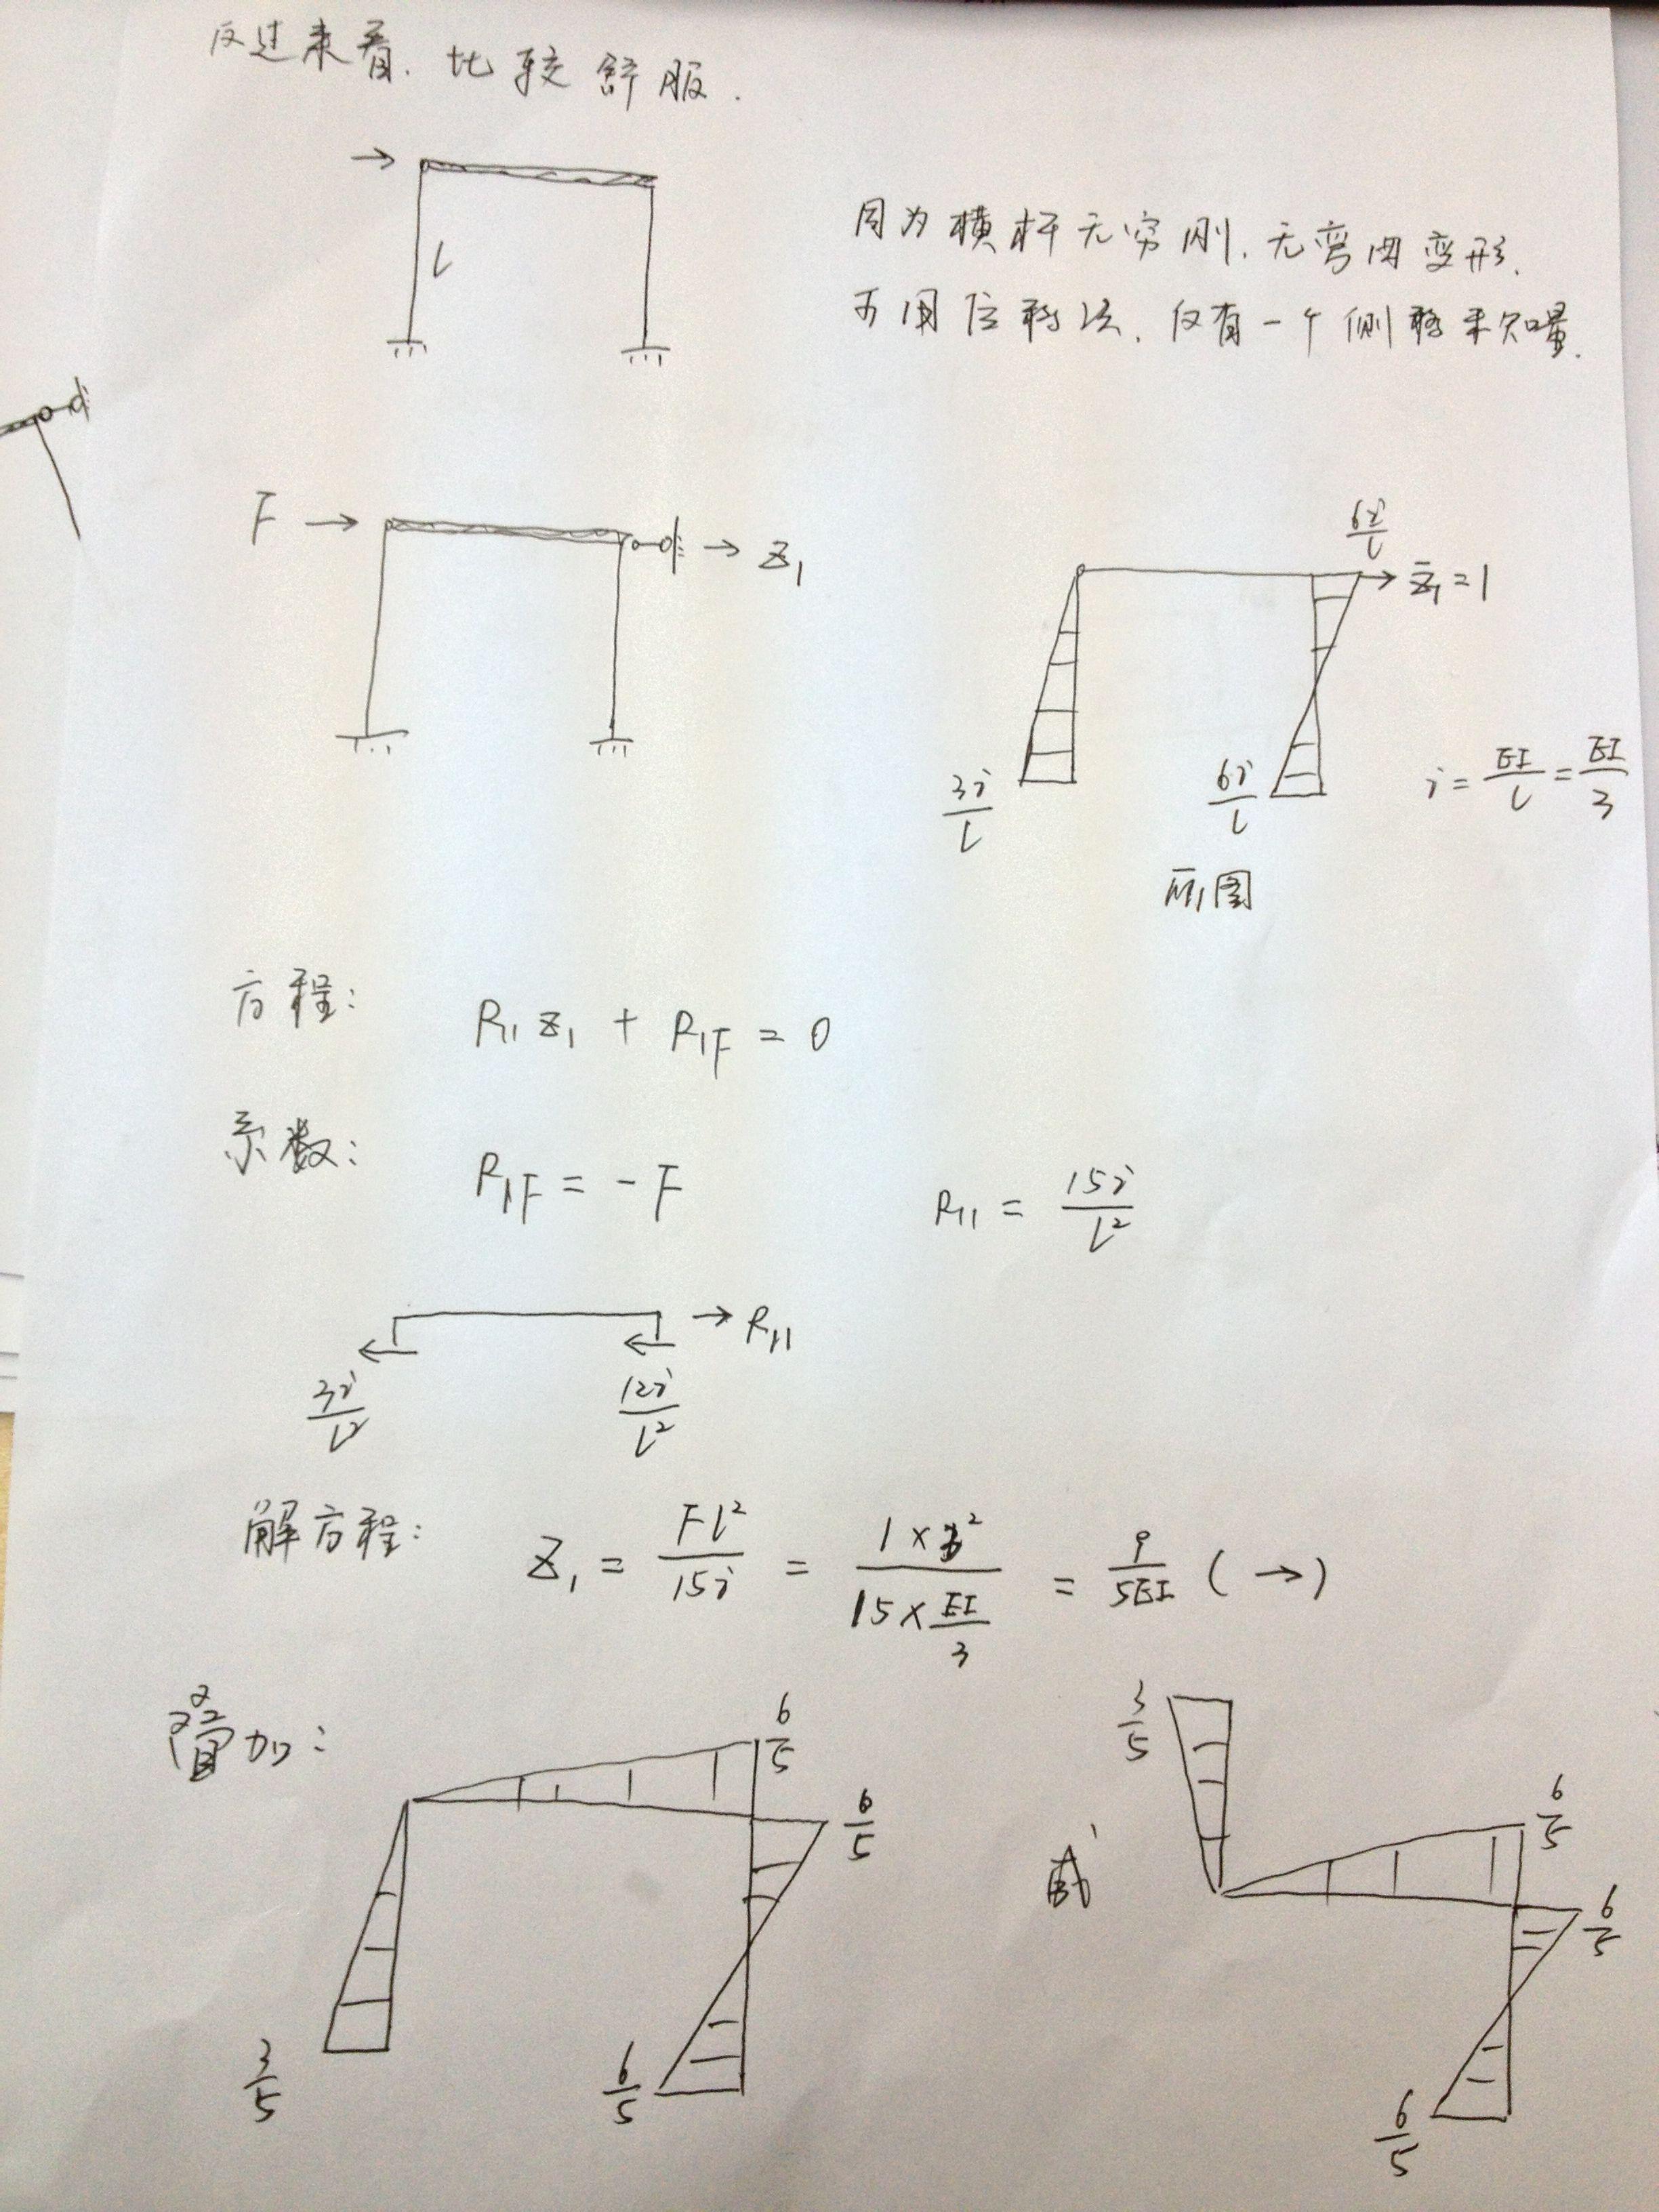 结构力学超静定结构弯矩图,如图所示的结构,如果把简协荷载换成单位